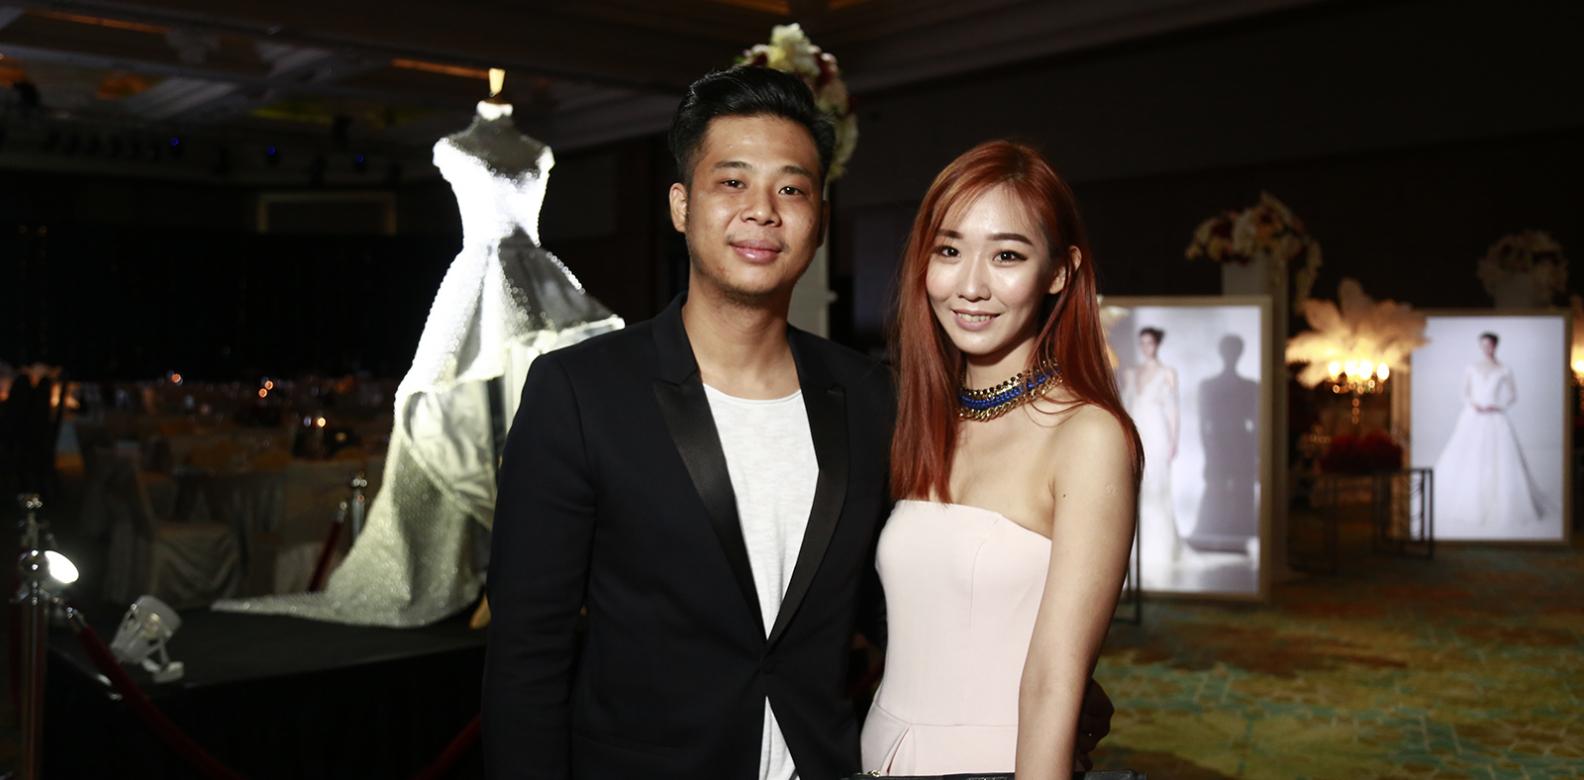 CK Lew and Amanda Tan